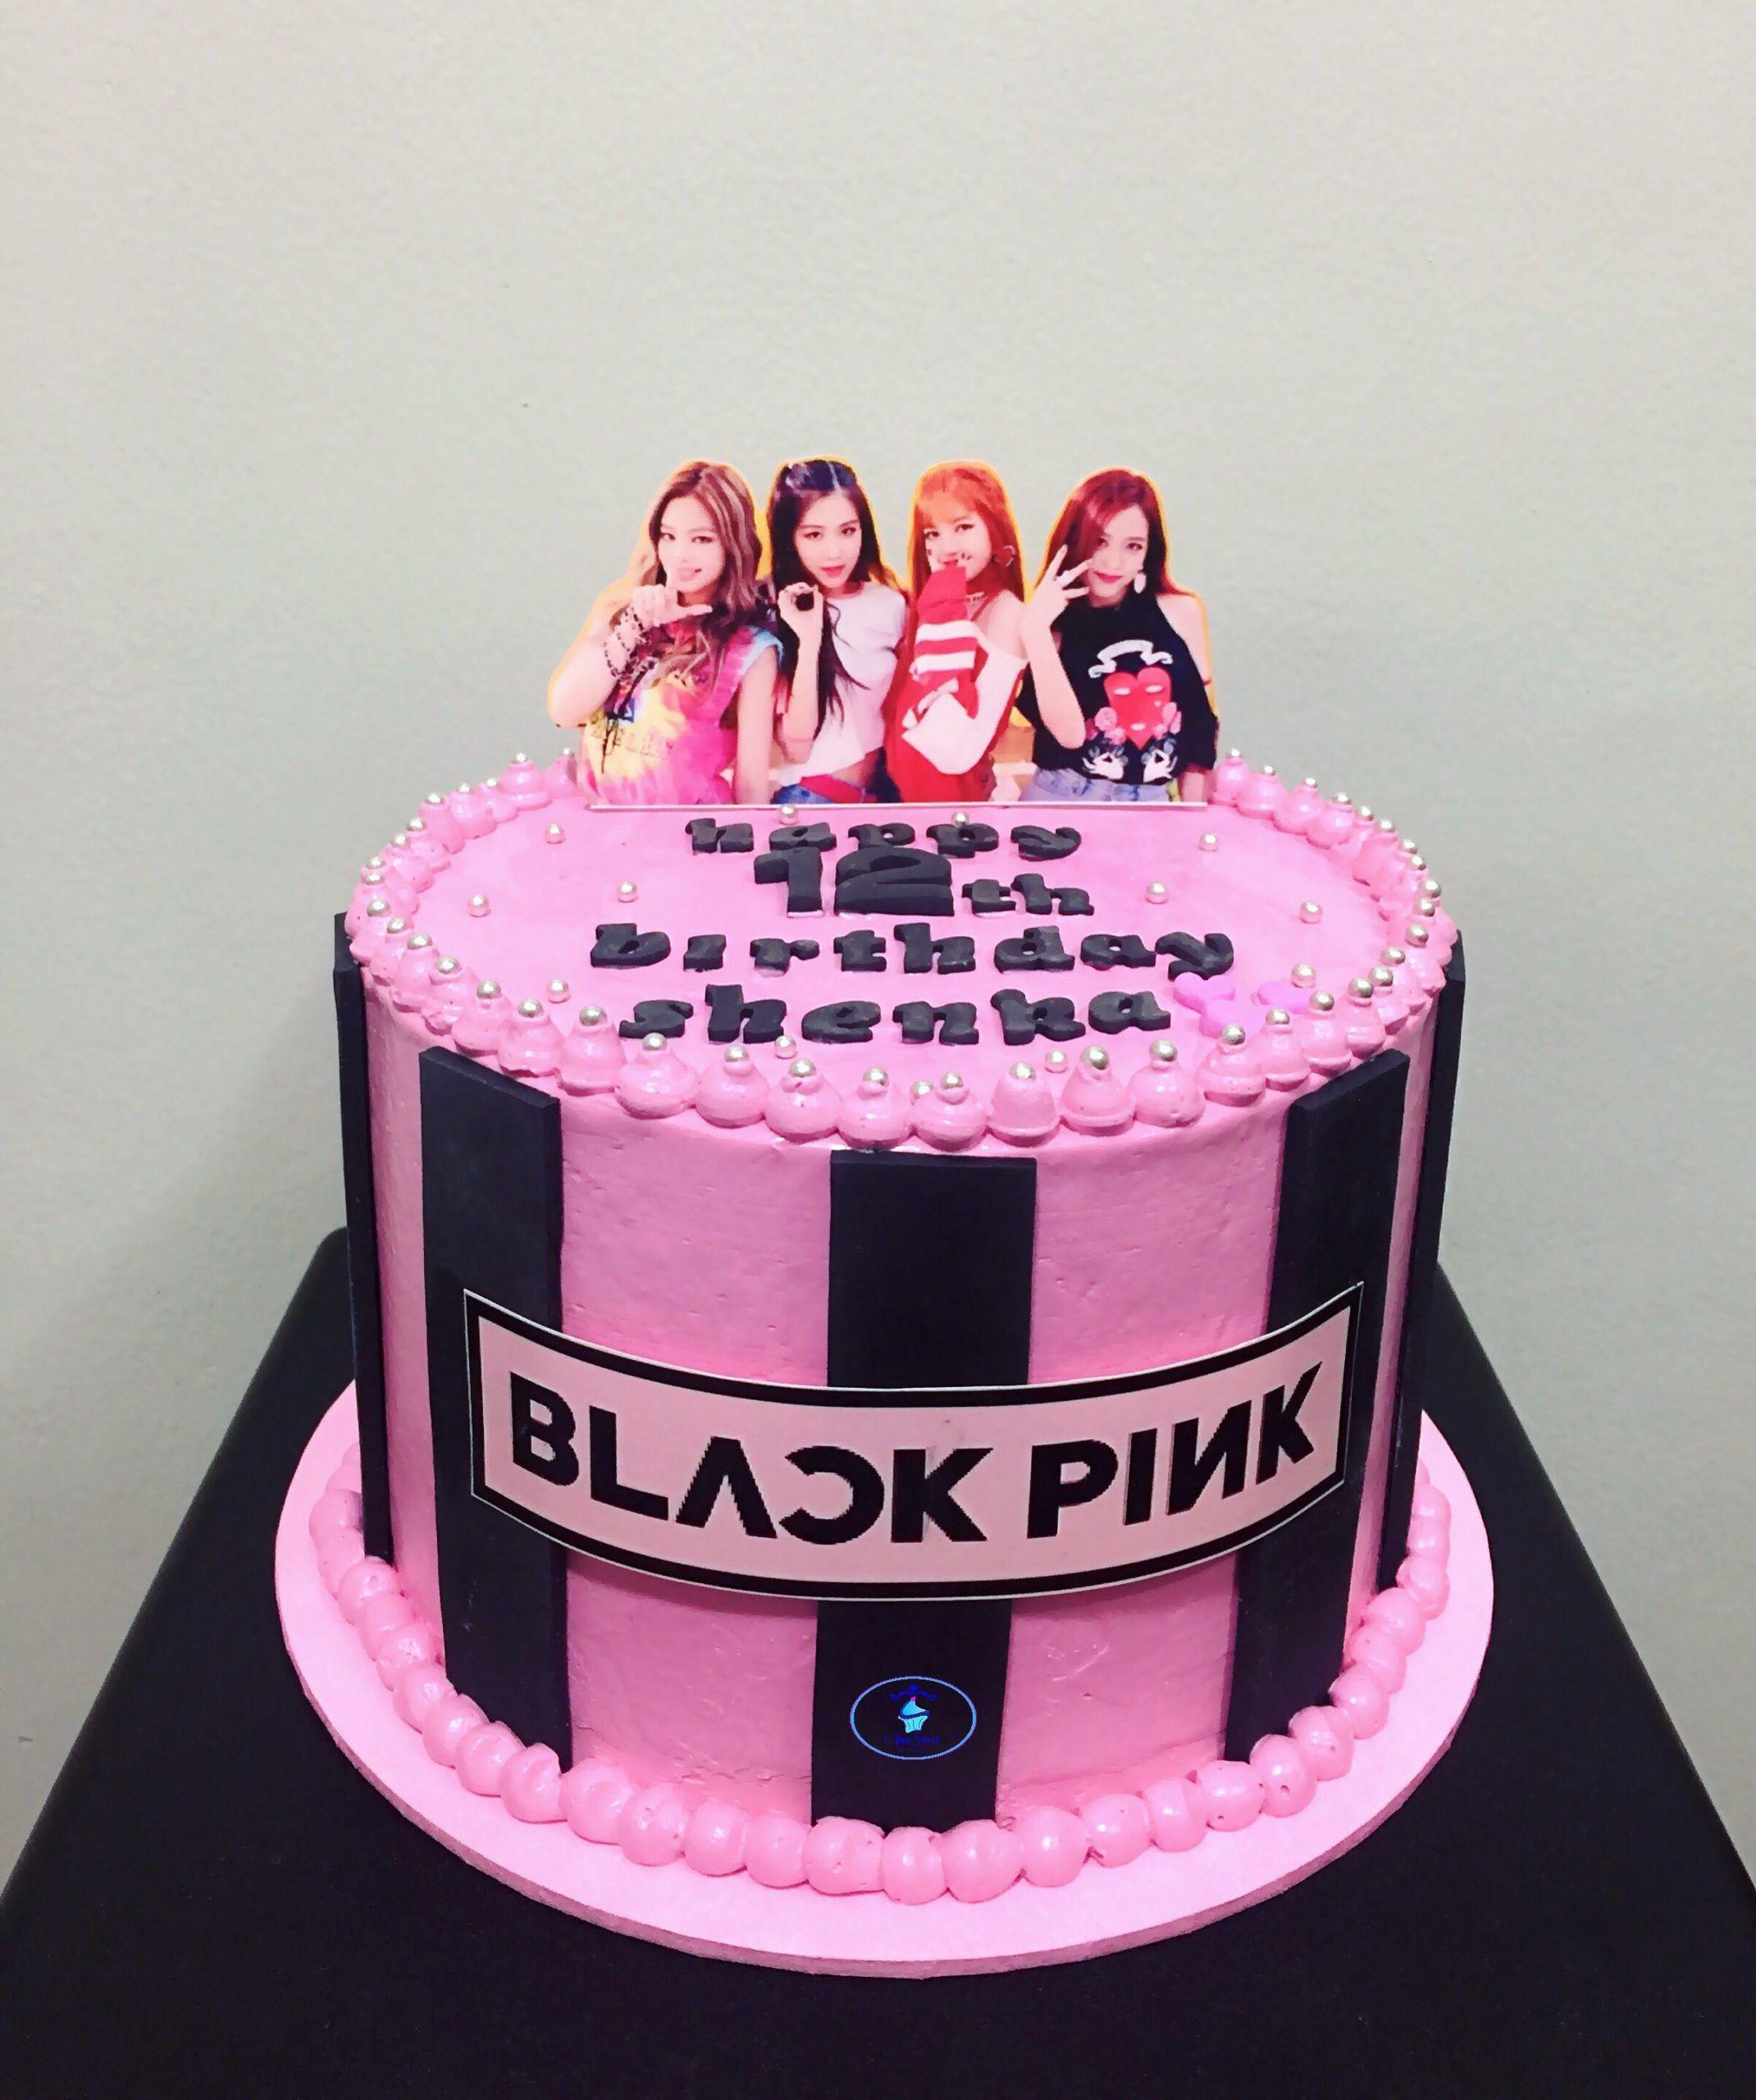 Blackpink Themed Cake Em 2020 Festa De Aniversario Colorida Bolos De Aniversario Tipos De Bolos